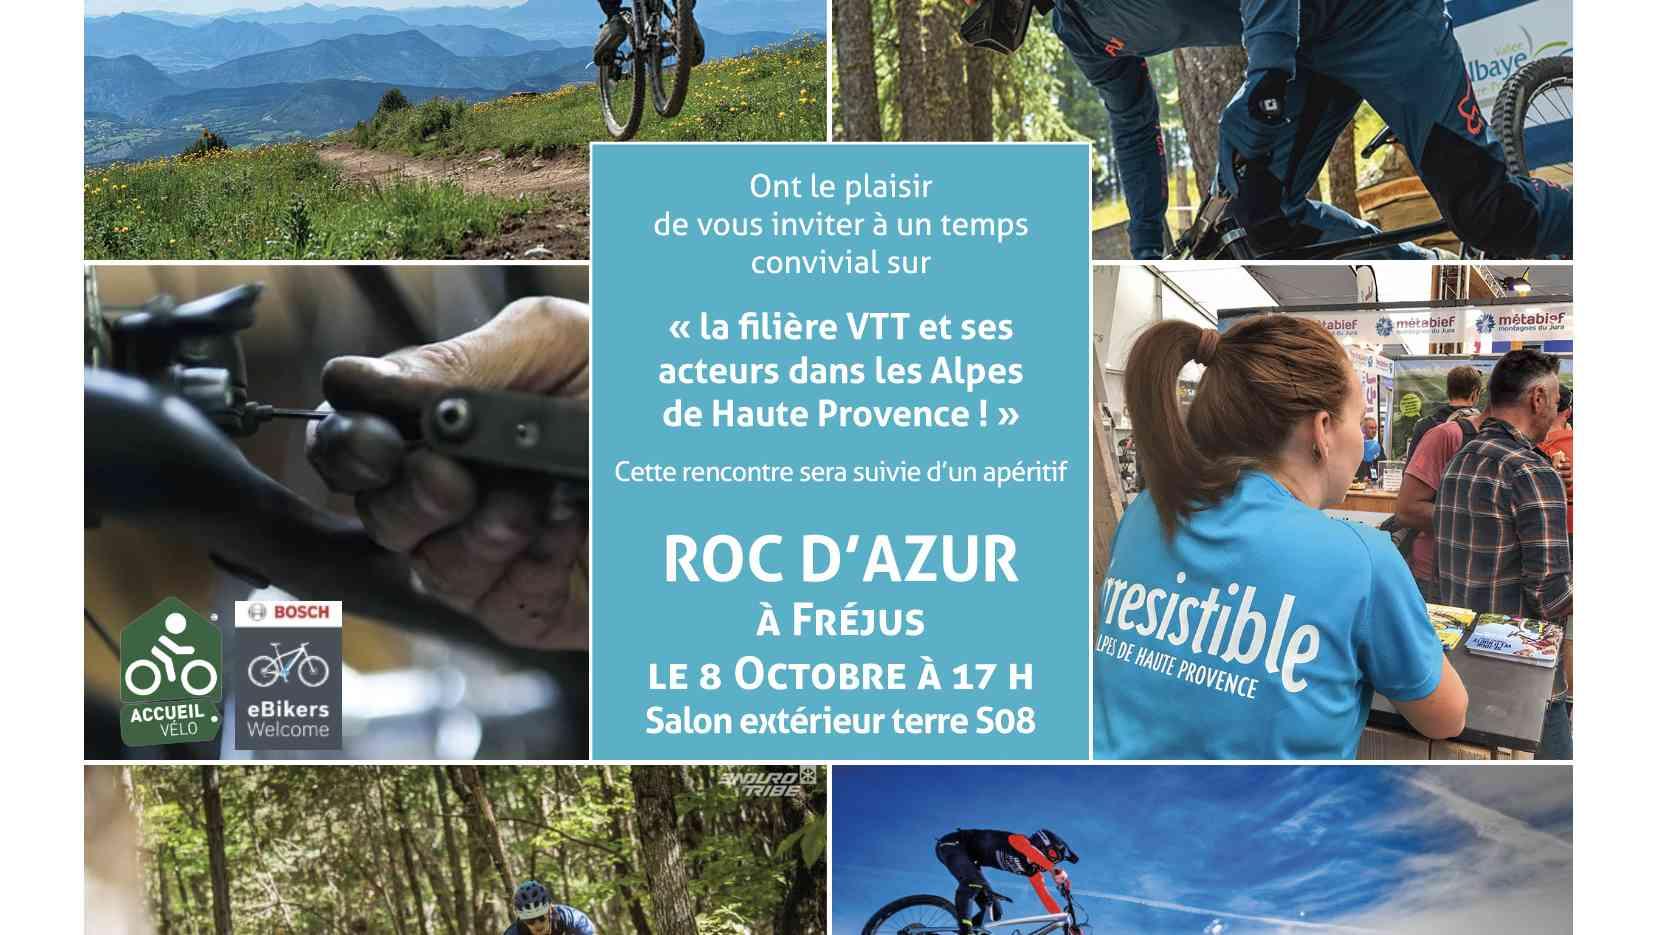 carton invitation Roc d'azur